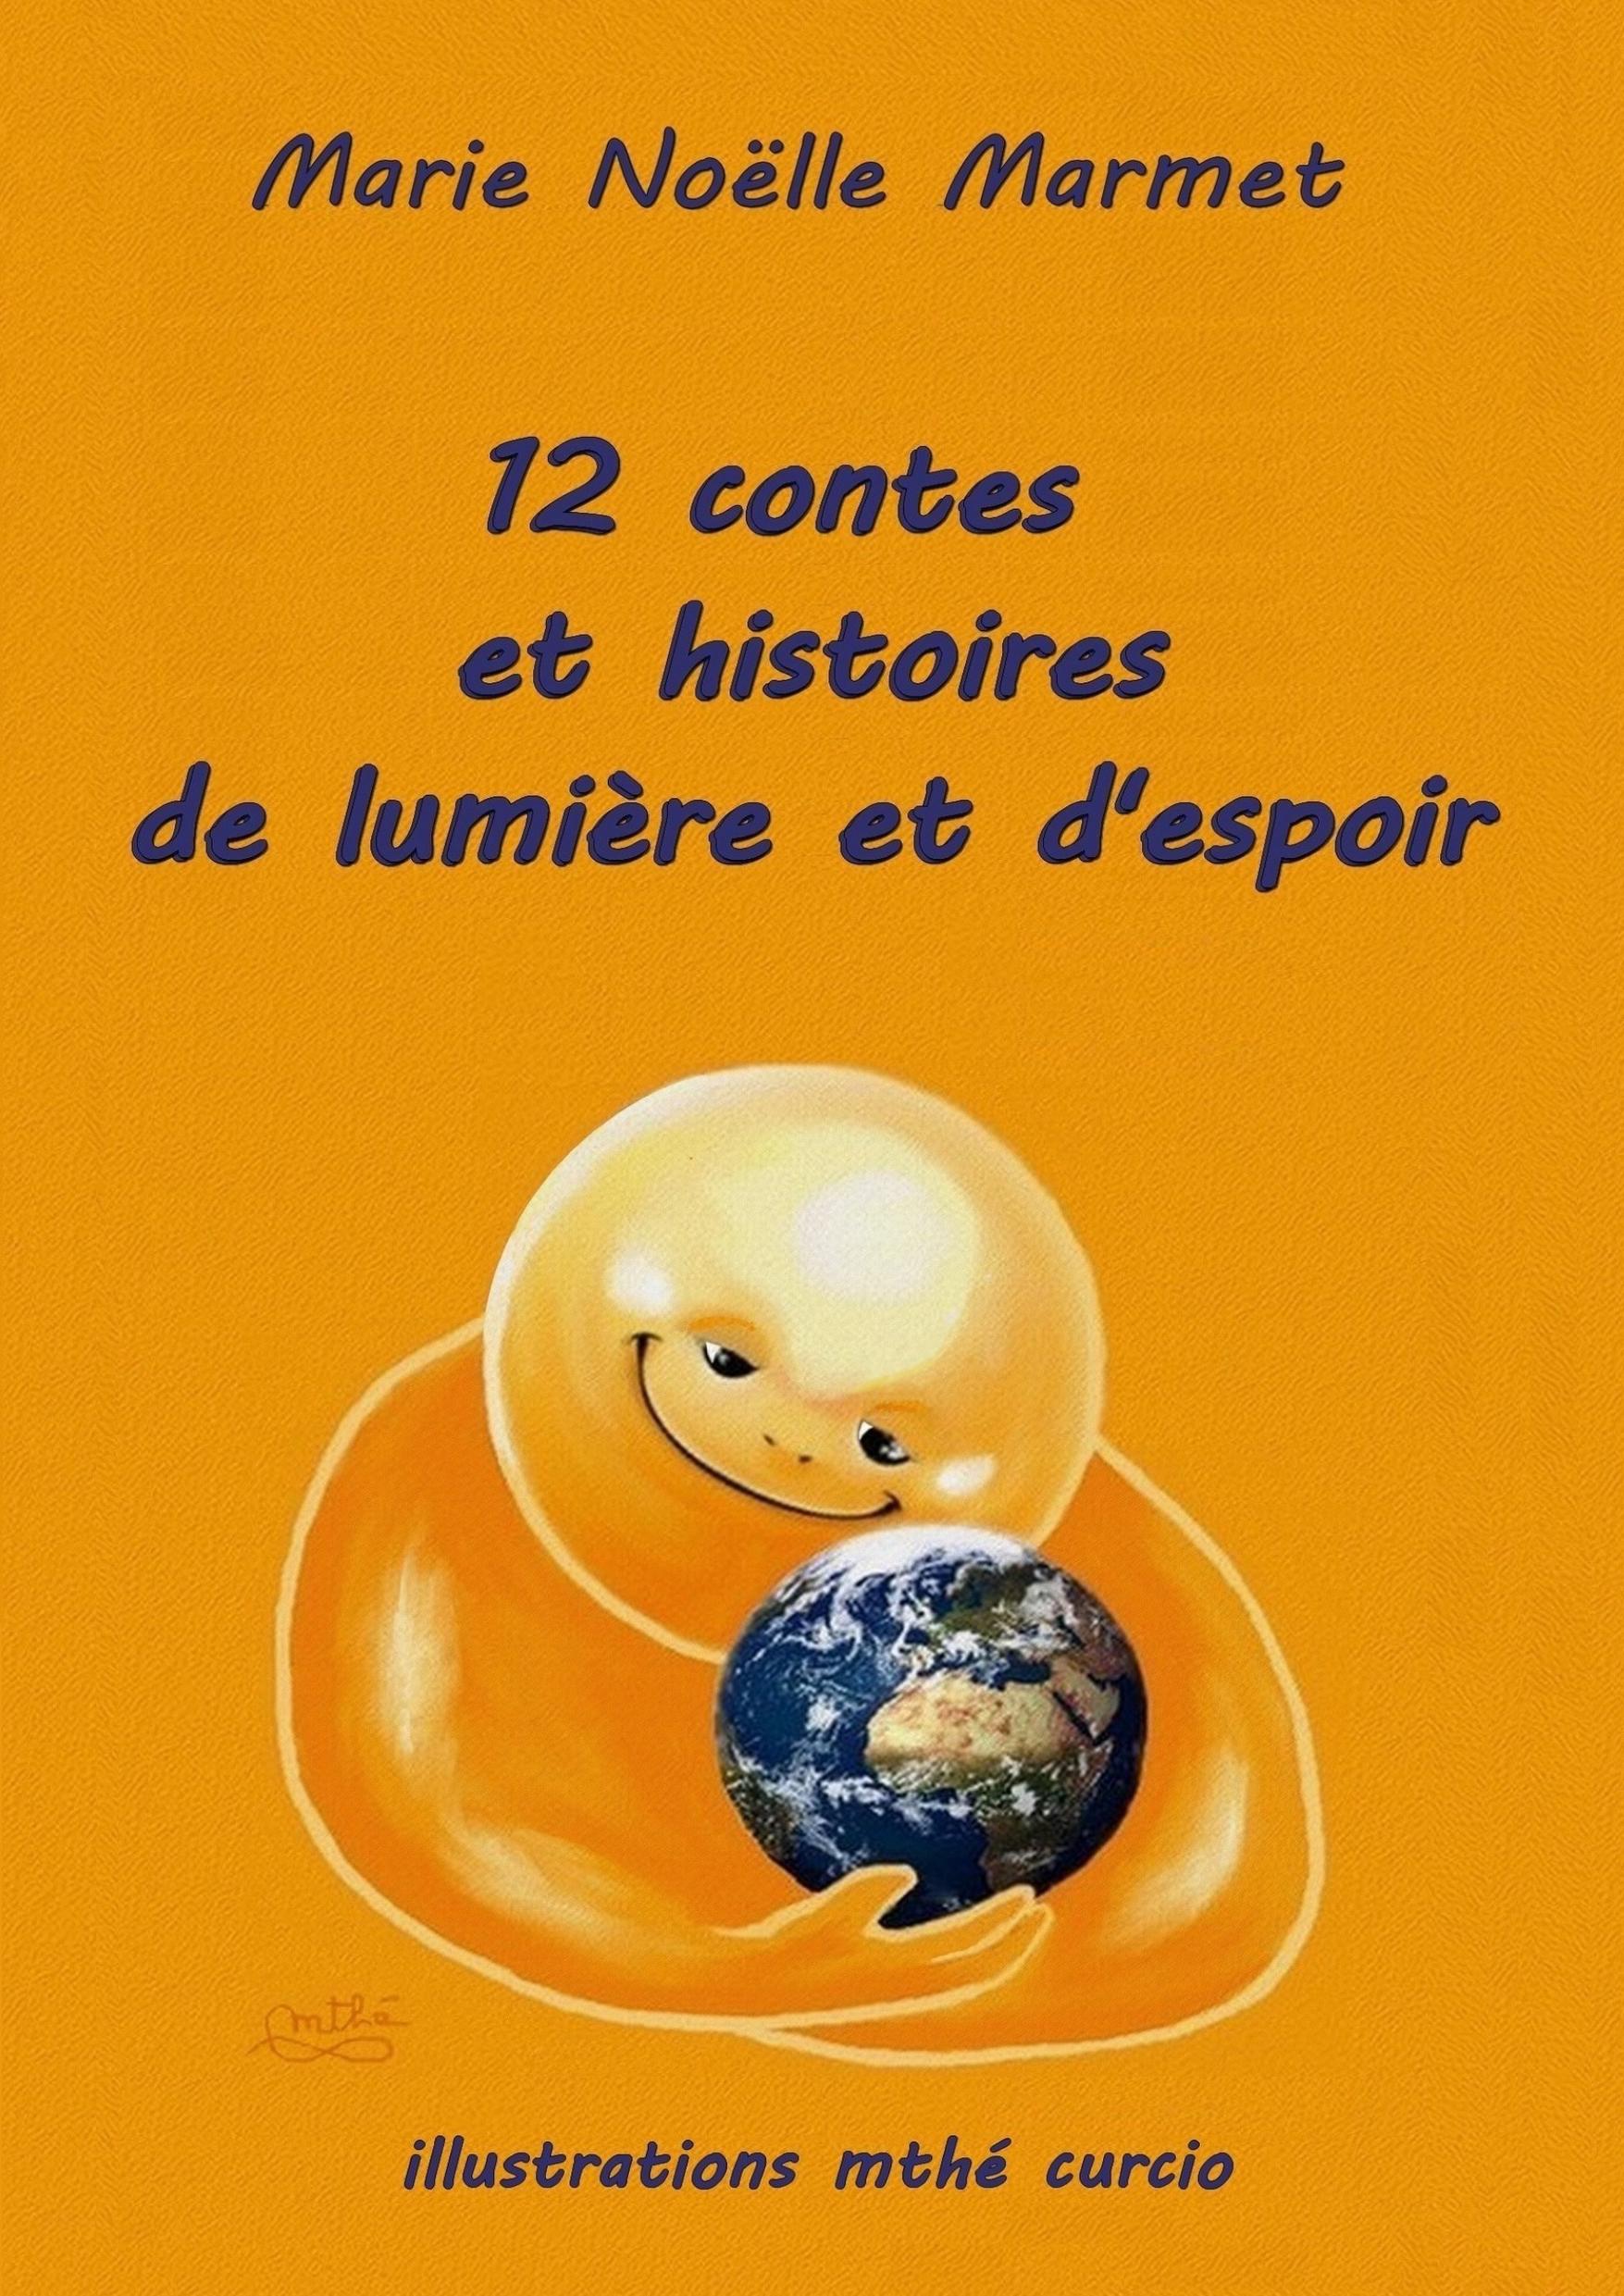 12 contes de lumière et d'espoir